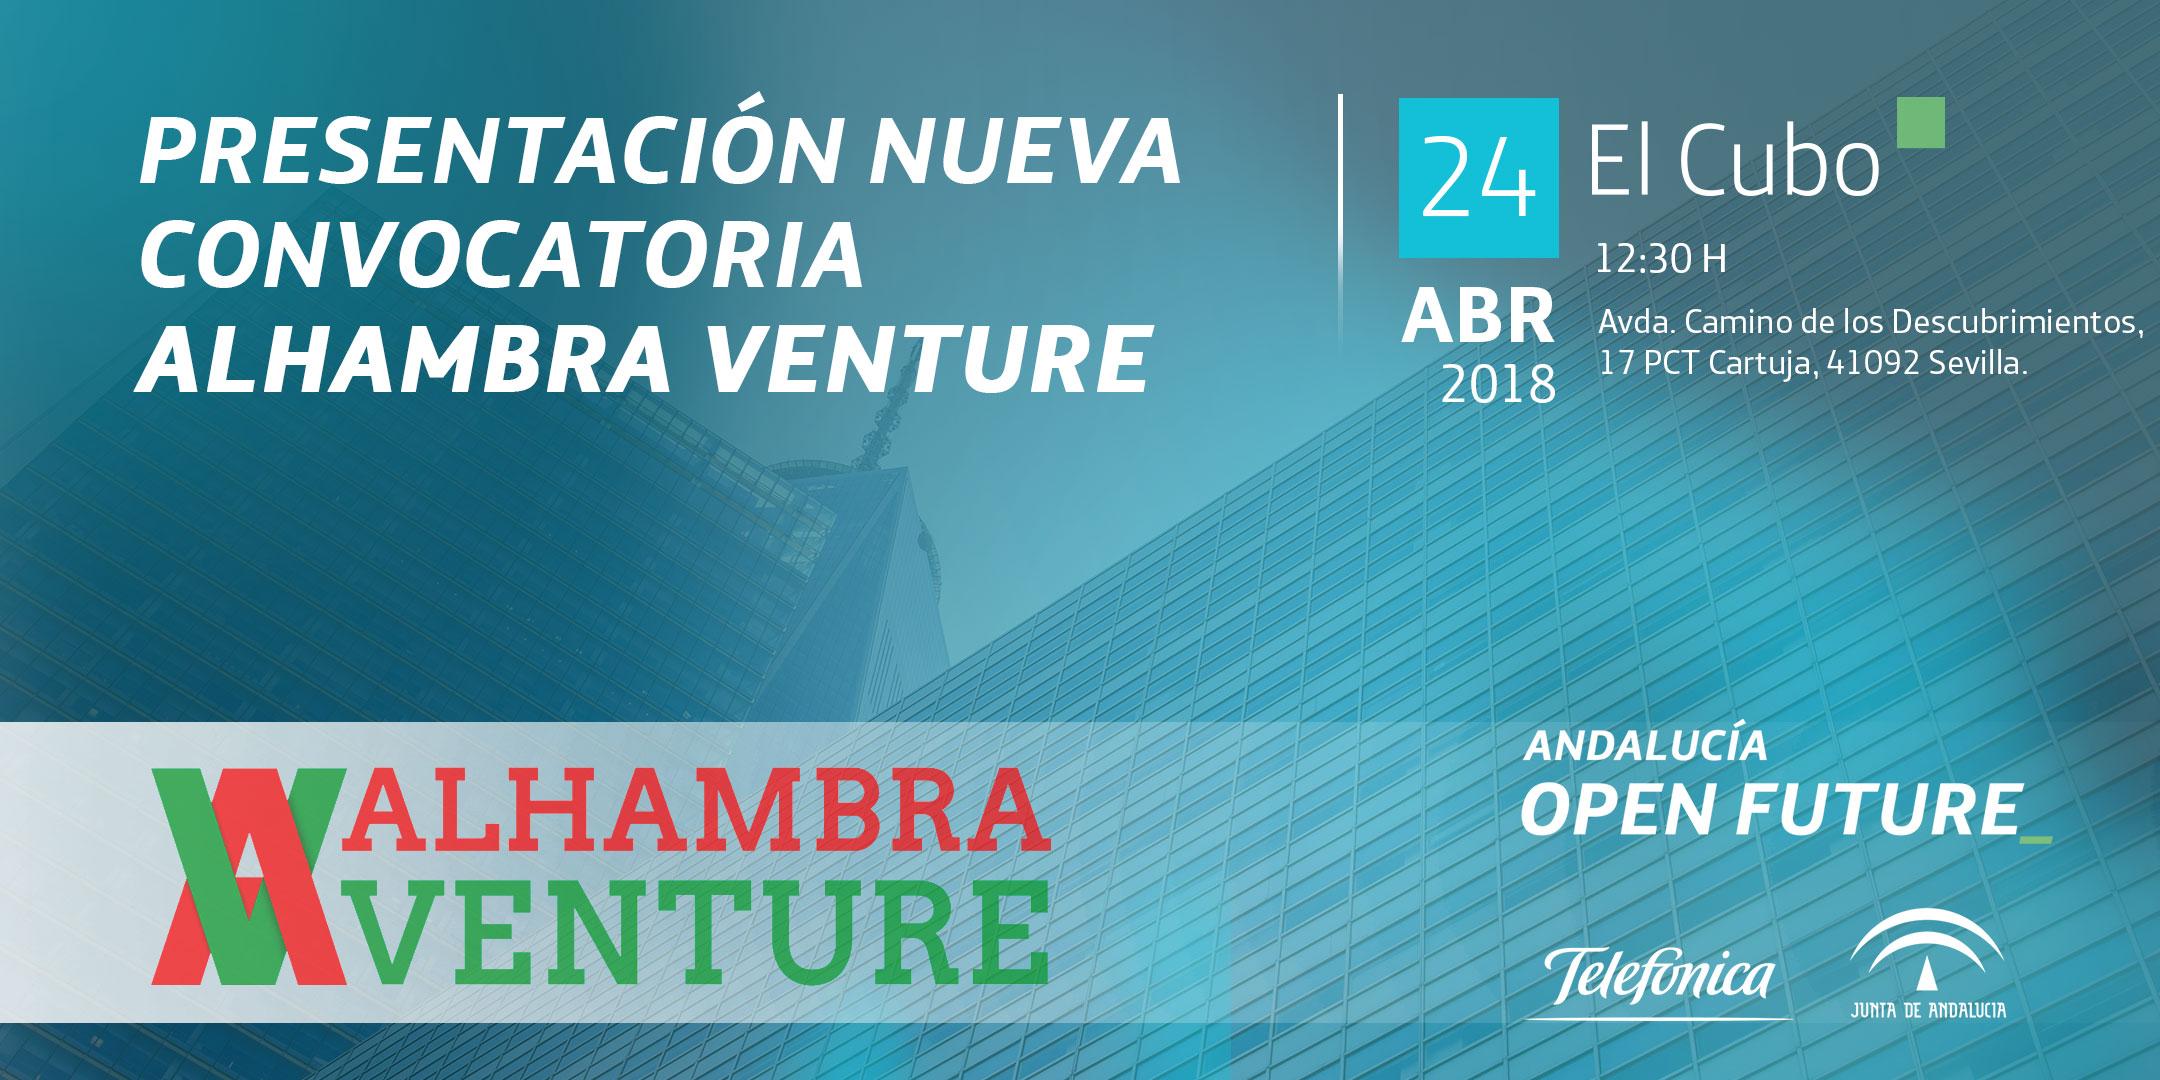 Presentacion Alhambra Venture El Cubo